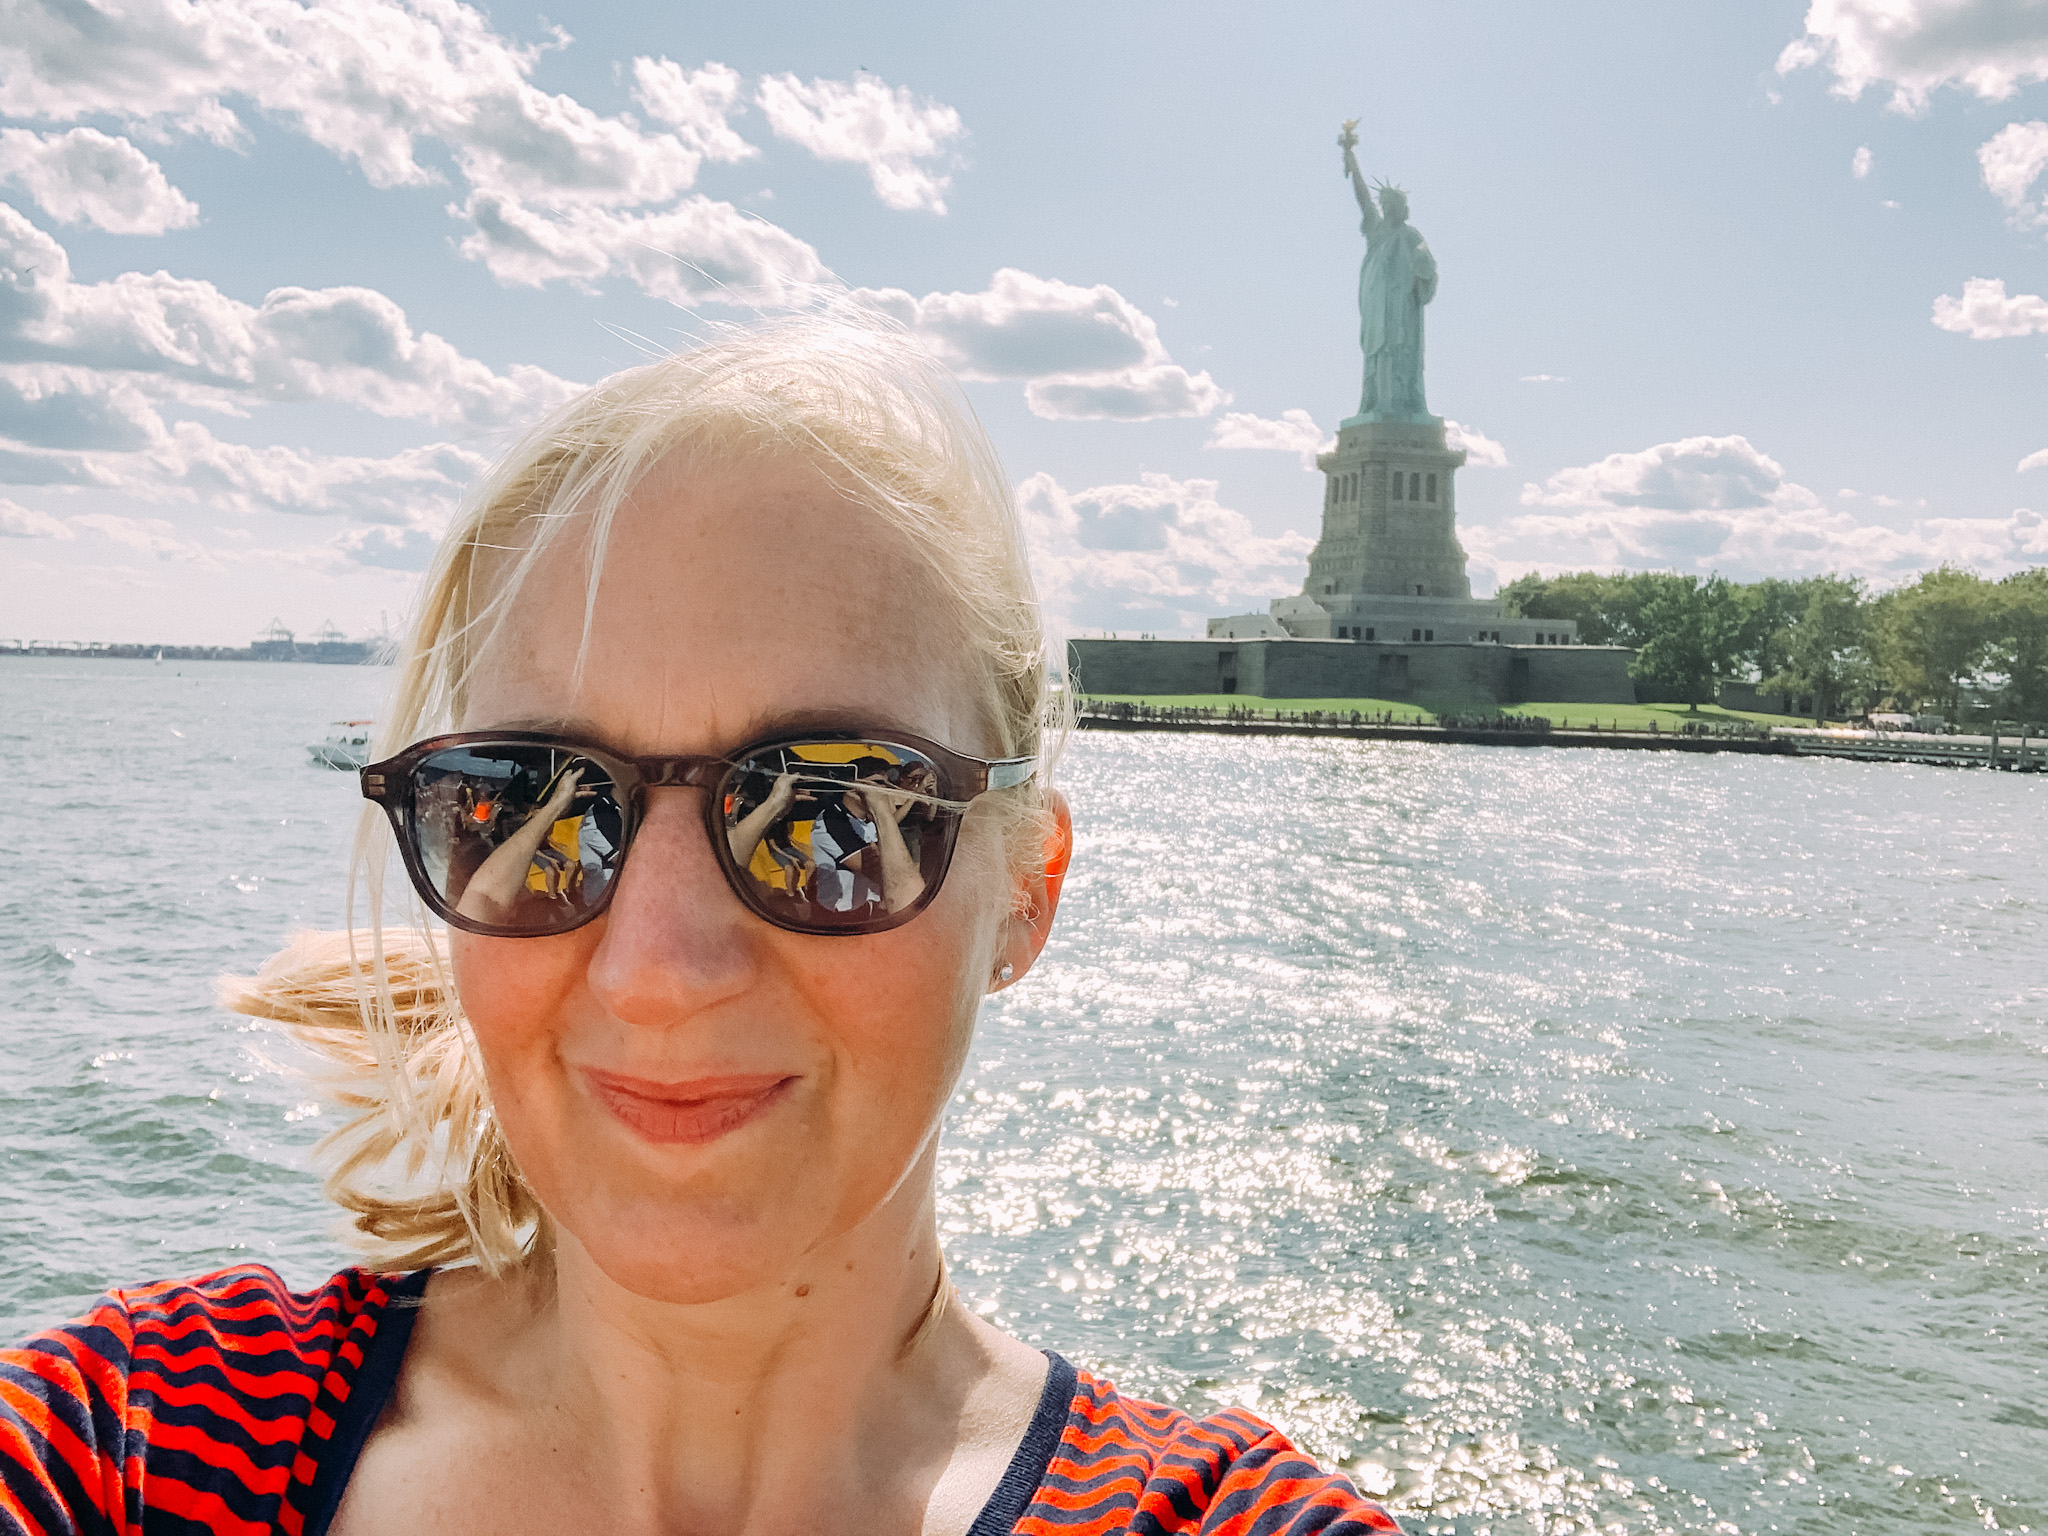 Svenja Walter Bloggerin und Digital Storyteller